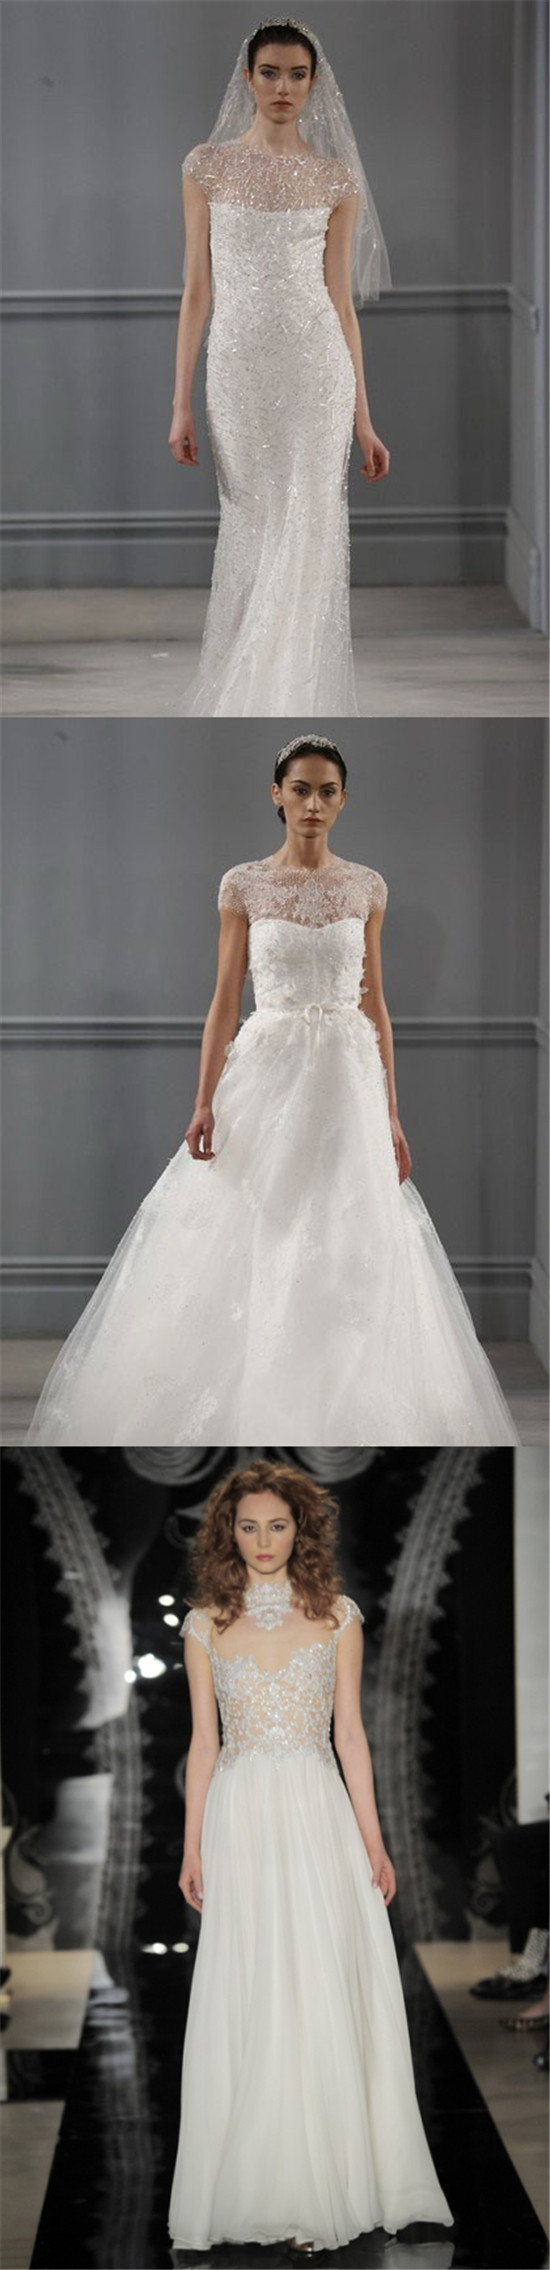 Trois robes de mariée ornées de paillettes dans les collections de Monique Lhuillier et de Reem Acra